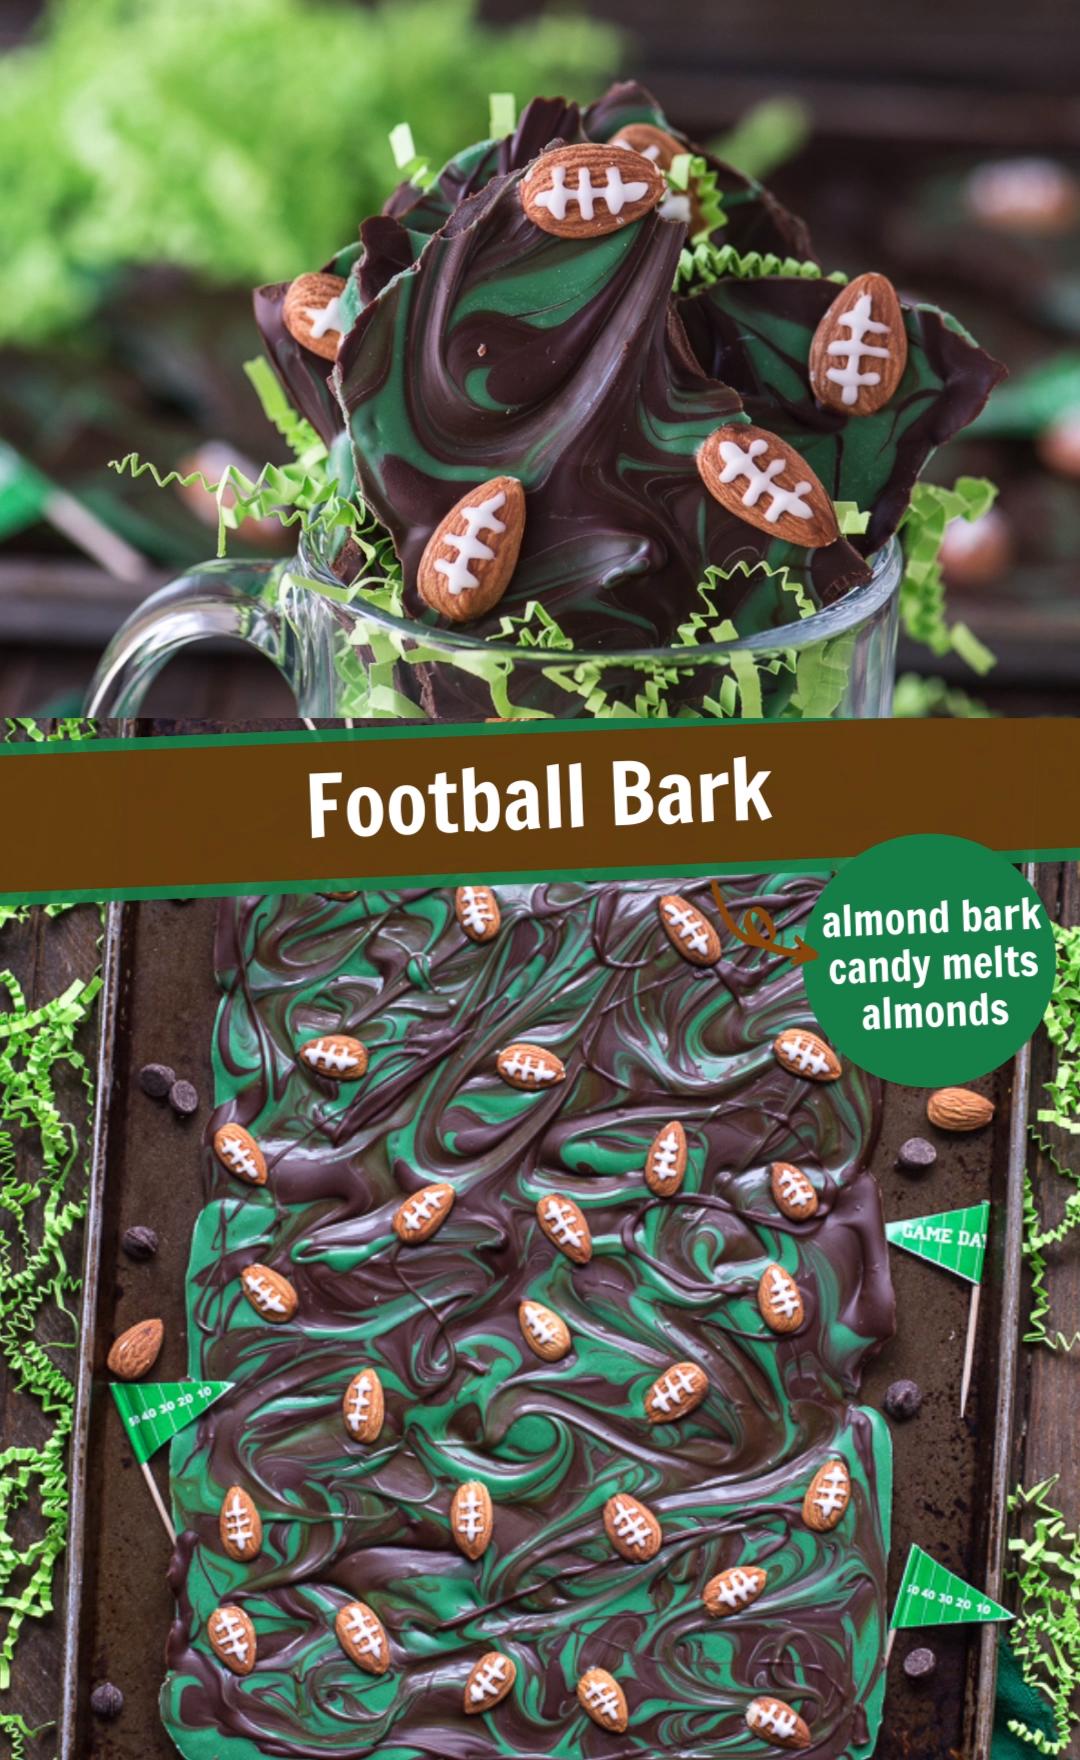 Football Bark